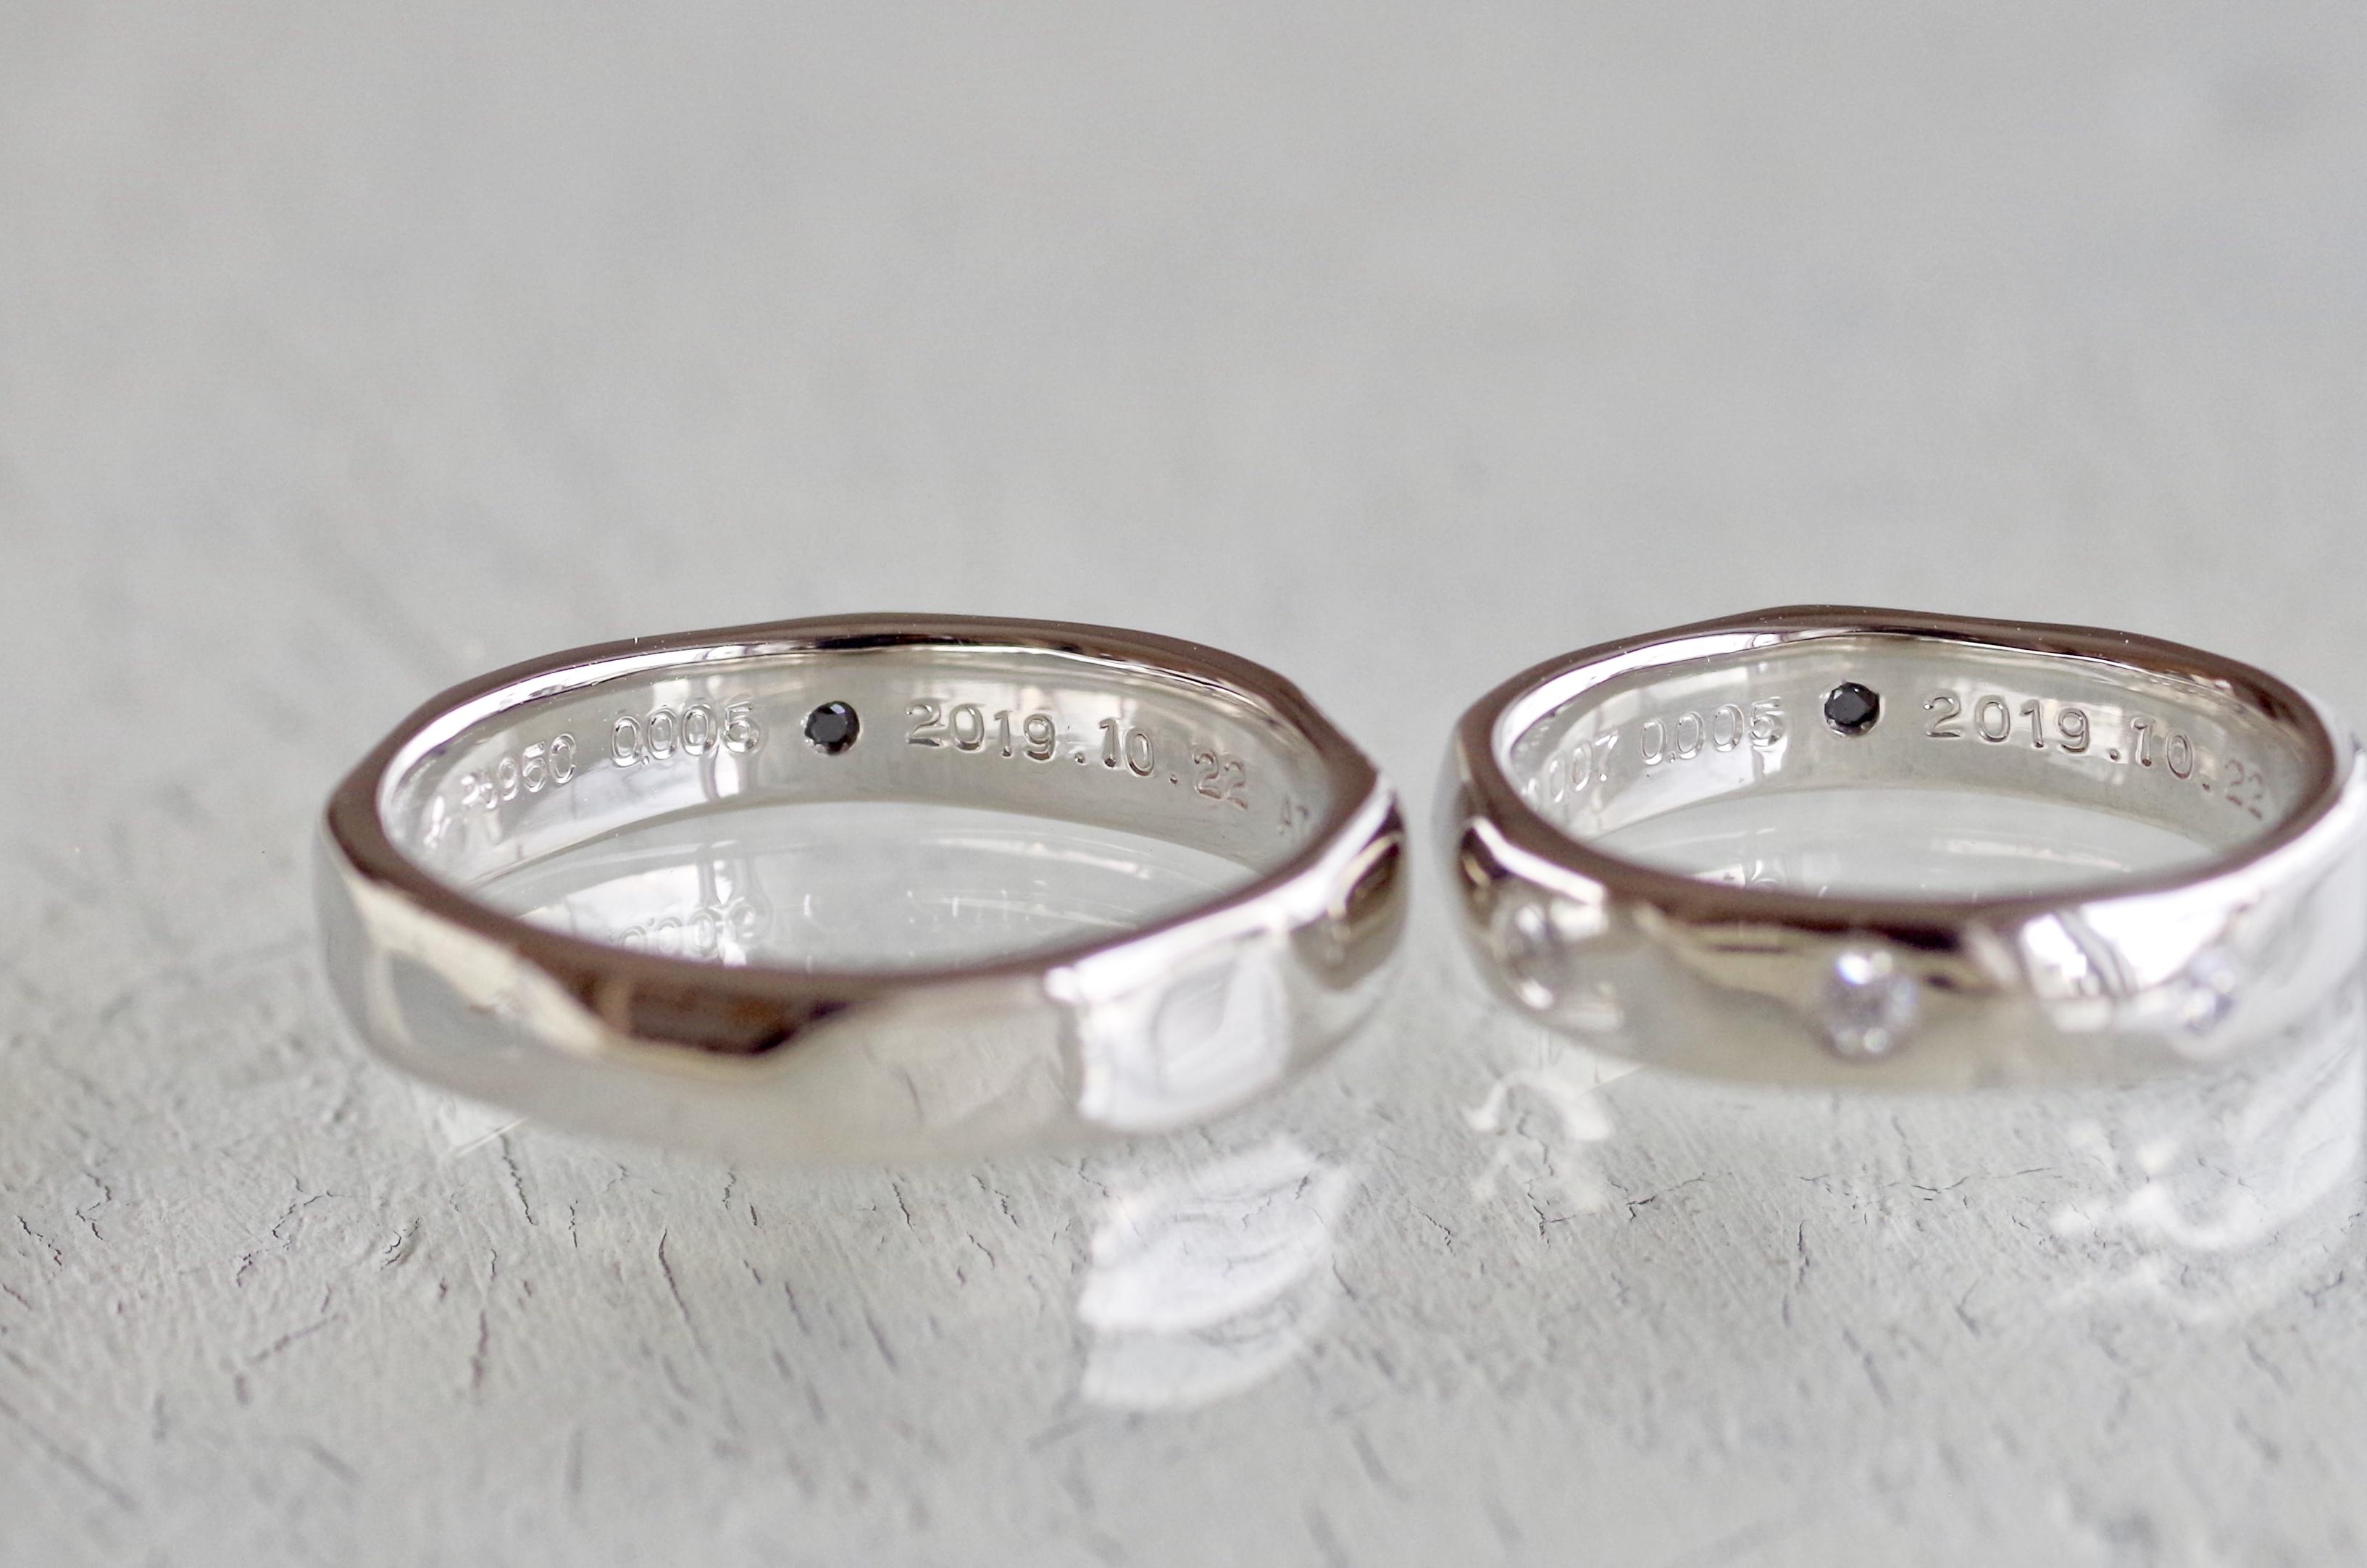 槌目 結婚指輪 オーダーメイド